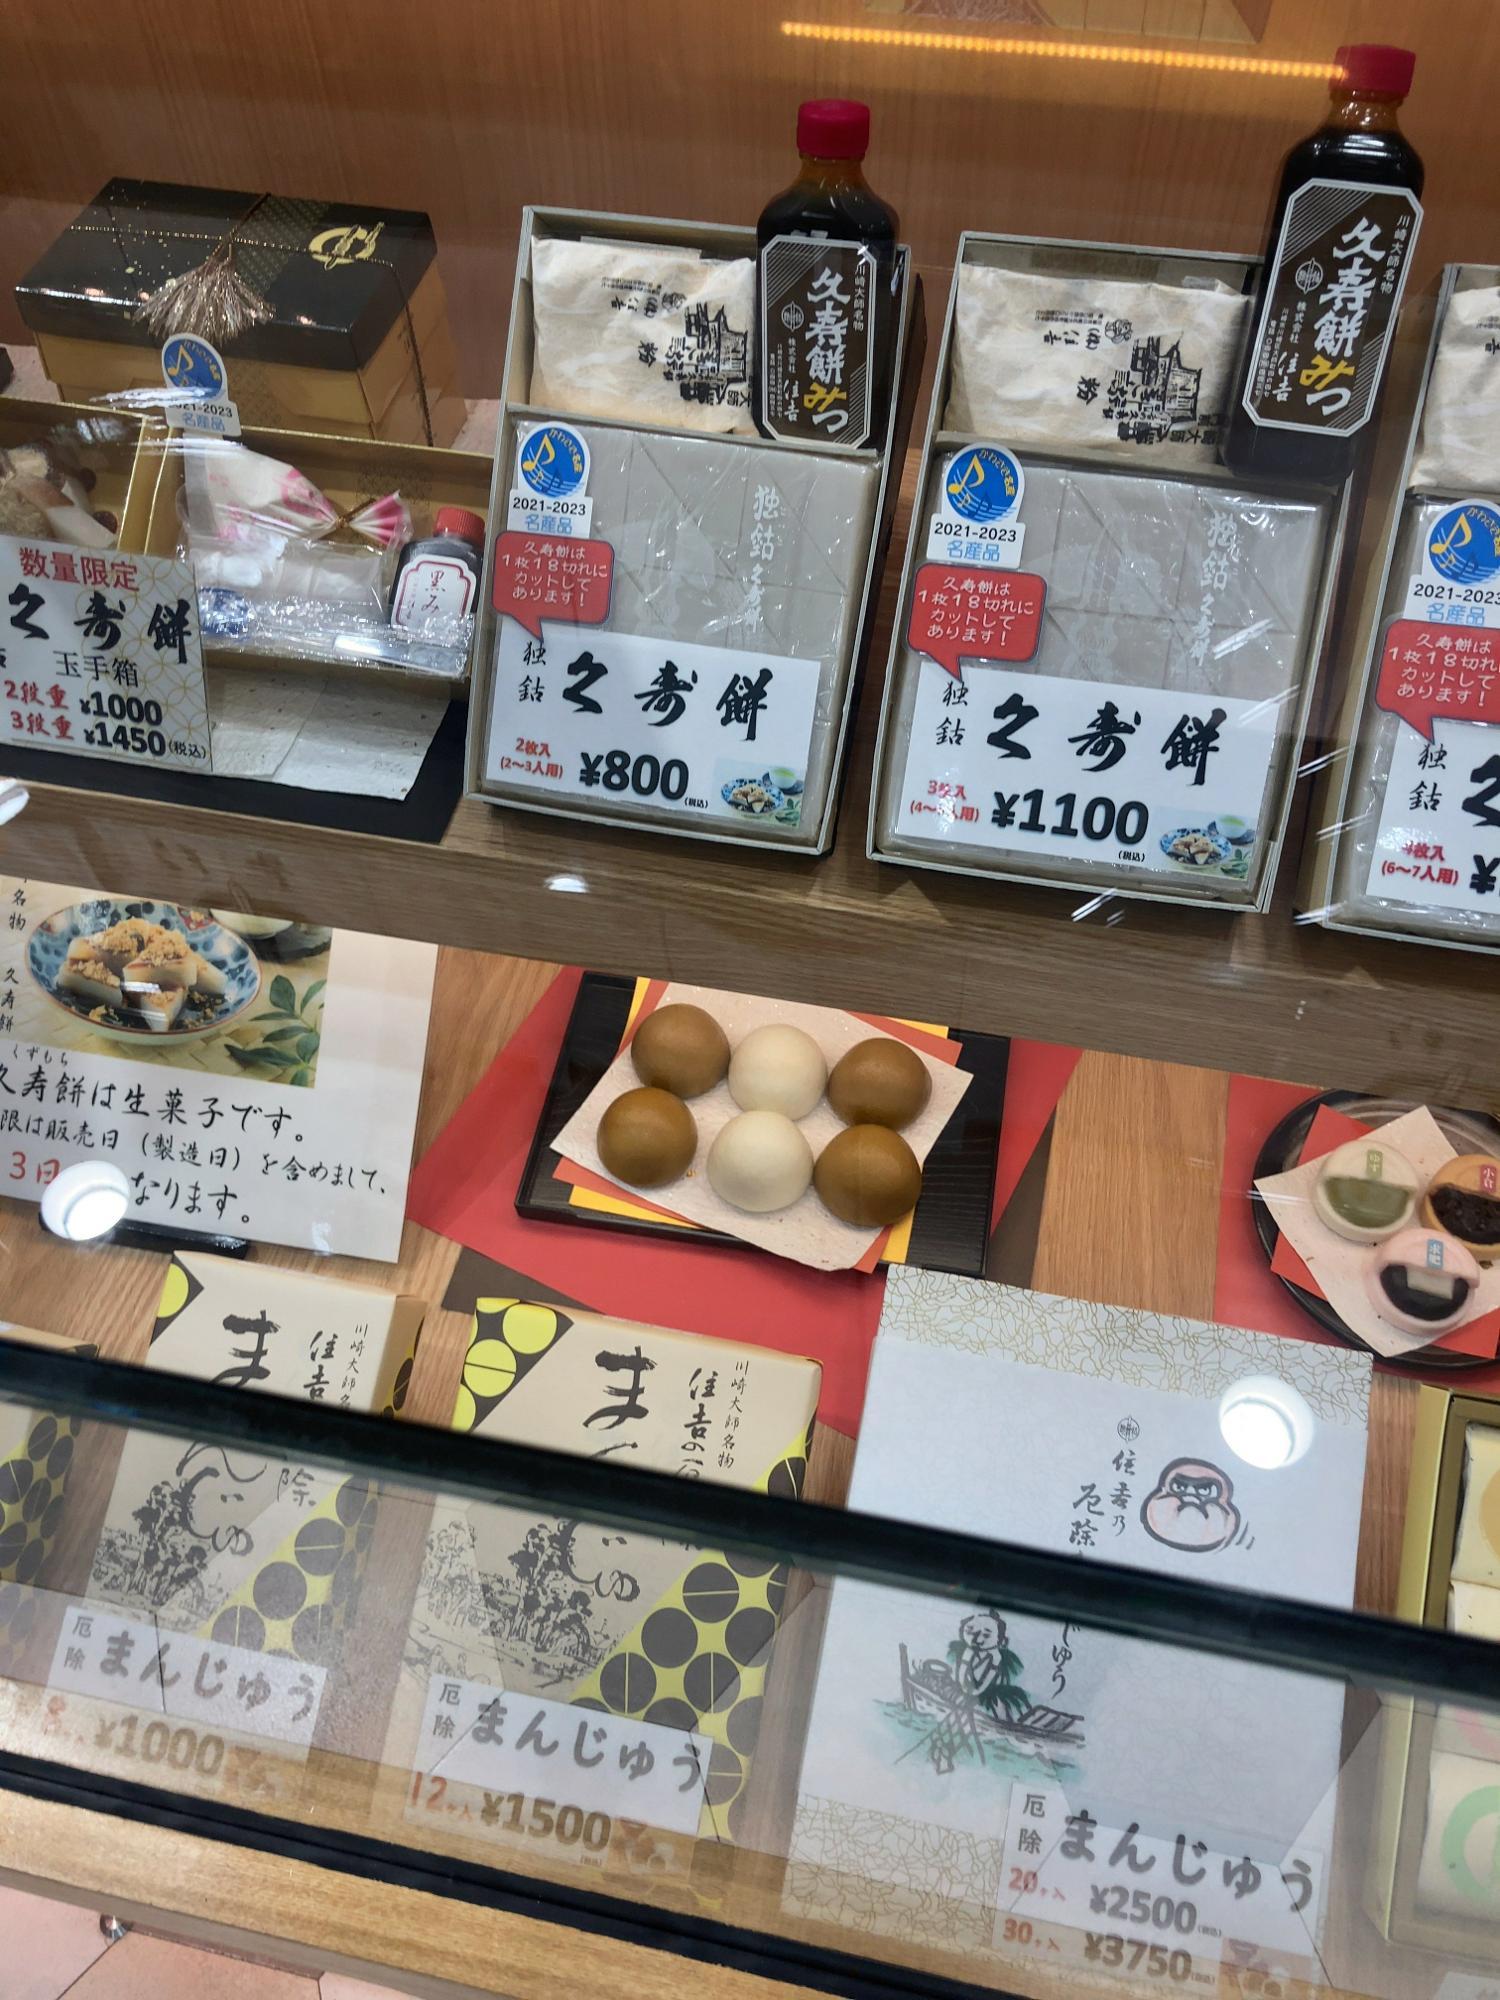 カウンターにくずもちが置いてあります。「久寿餅」なので、なかなか見つけることができませんでした